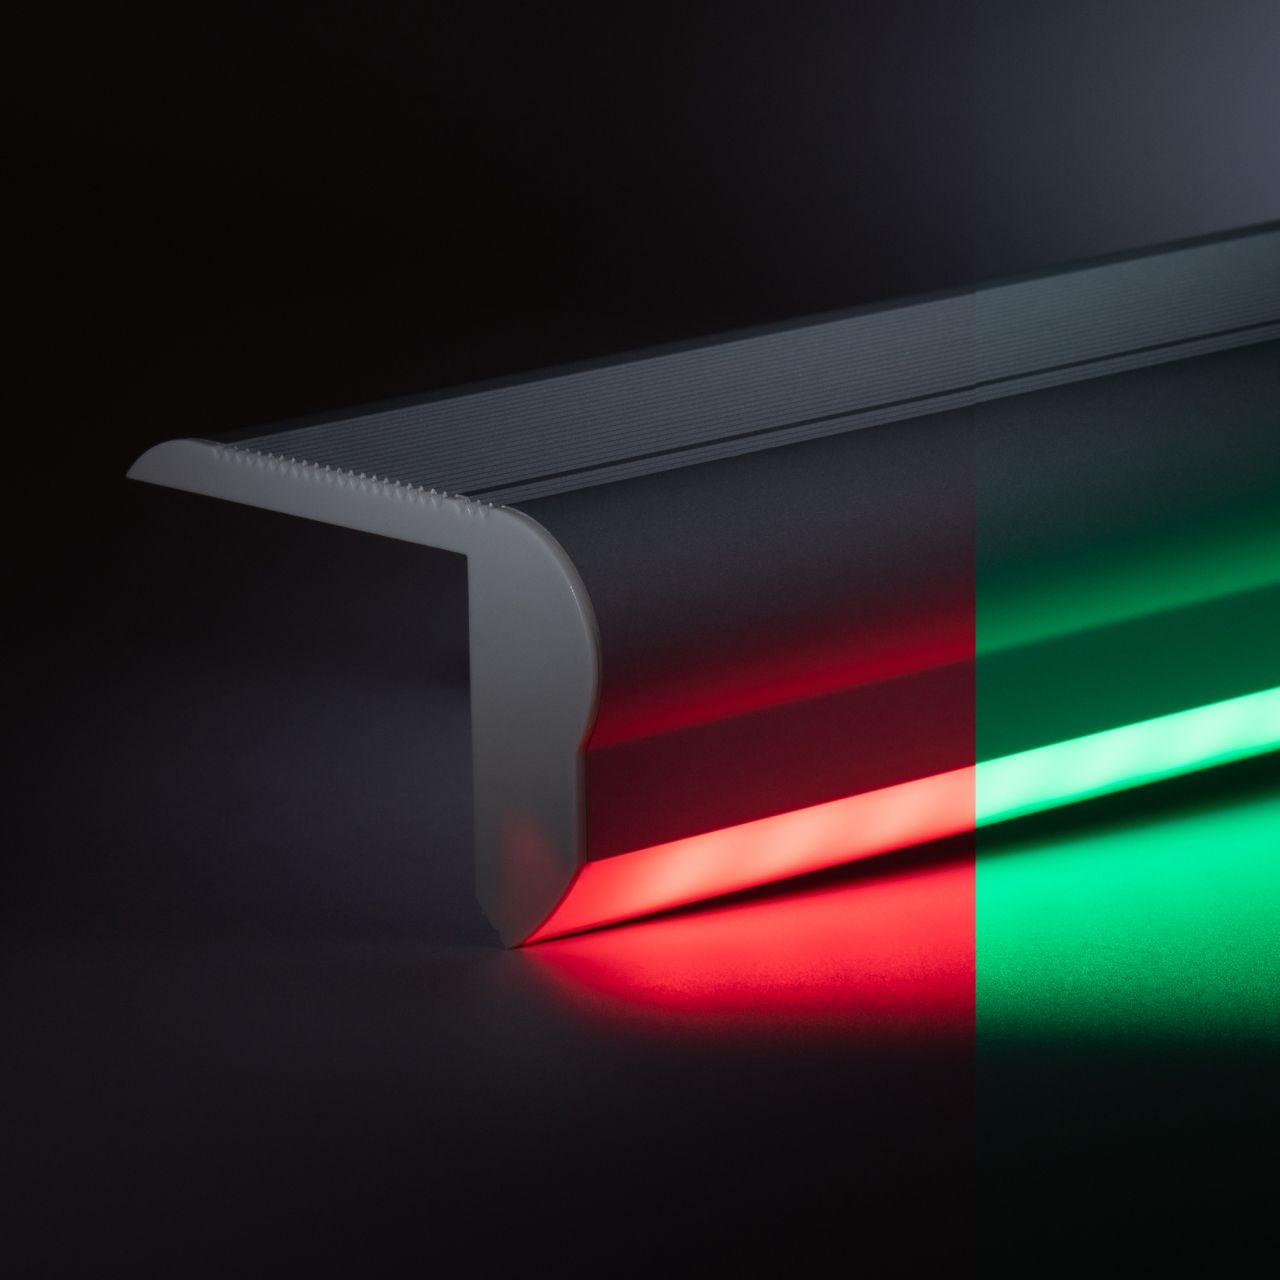 12V Aluminium Treppenstufen LED Leiste - RGB - diffuse Abdeckung1